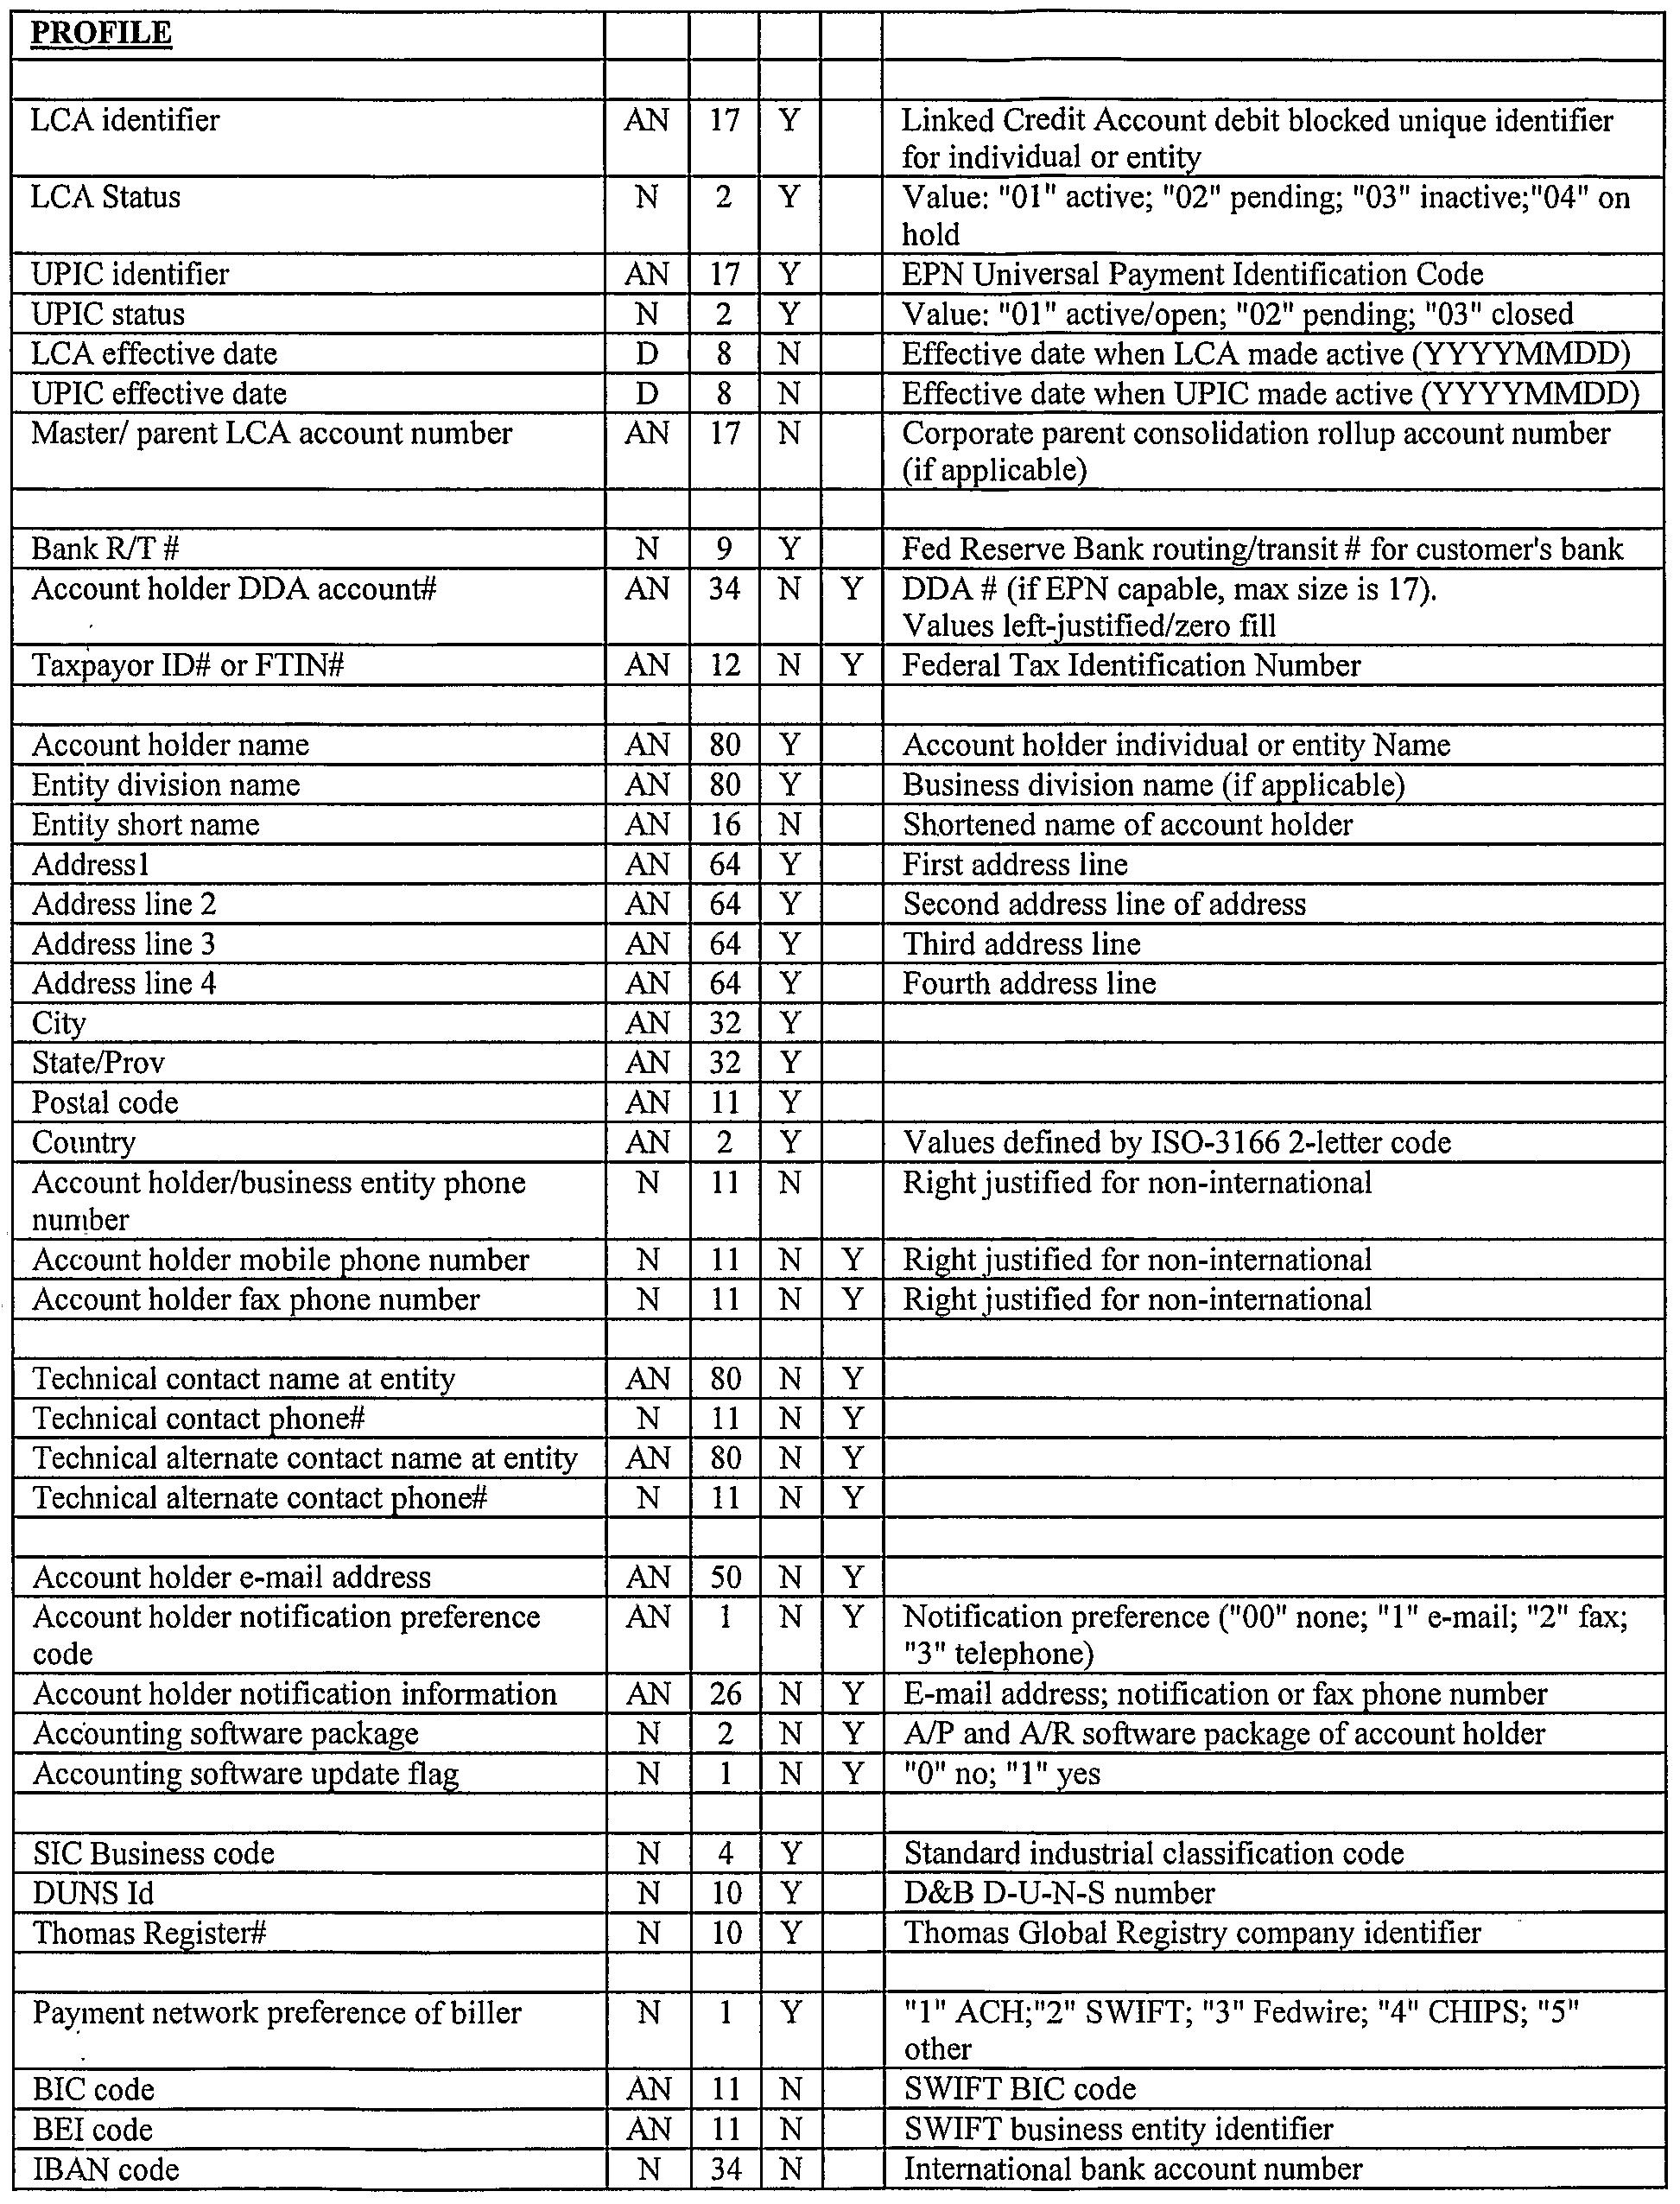 patentimages storage googleapis com/63/22/b9/c306e